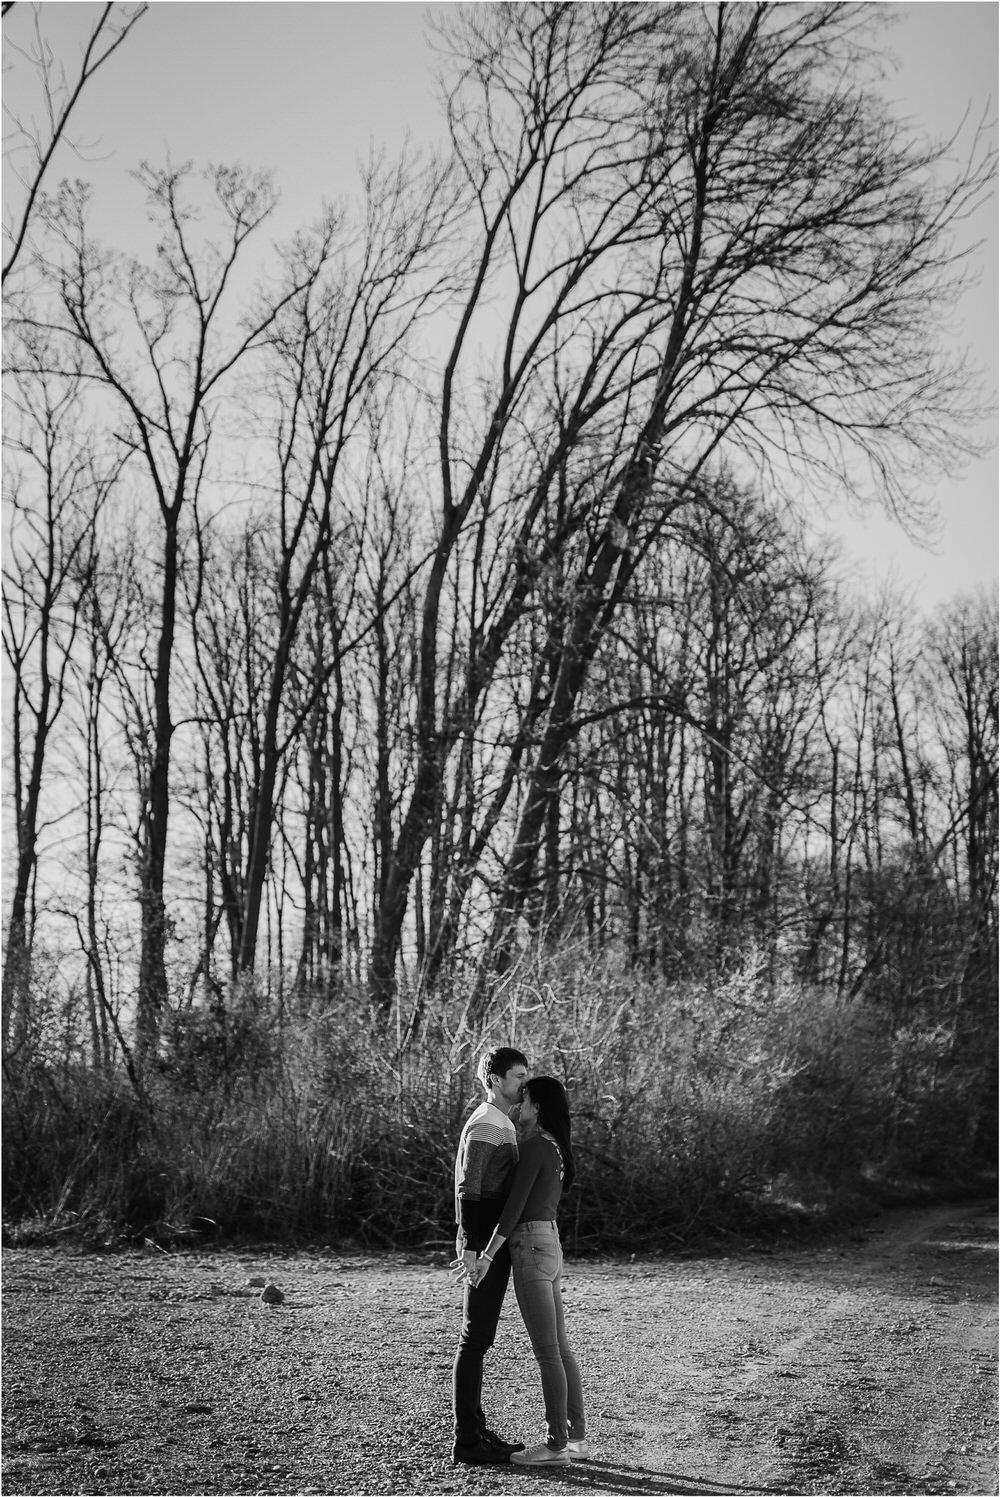 zarocno fotografiranje posavje brezice krsko slovenija poroka porocni fotograf sprosceno nasmejano naravno zaroka tri lucke  0001.jpg